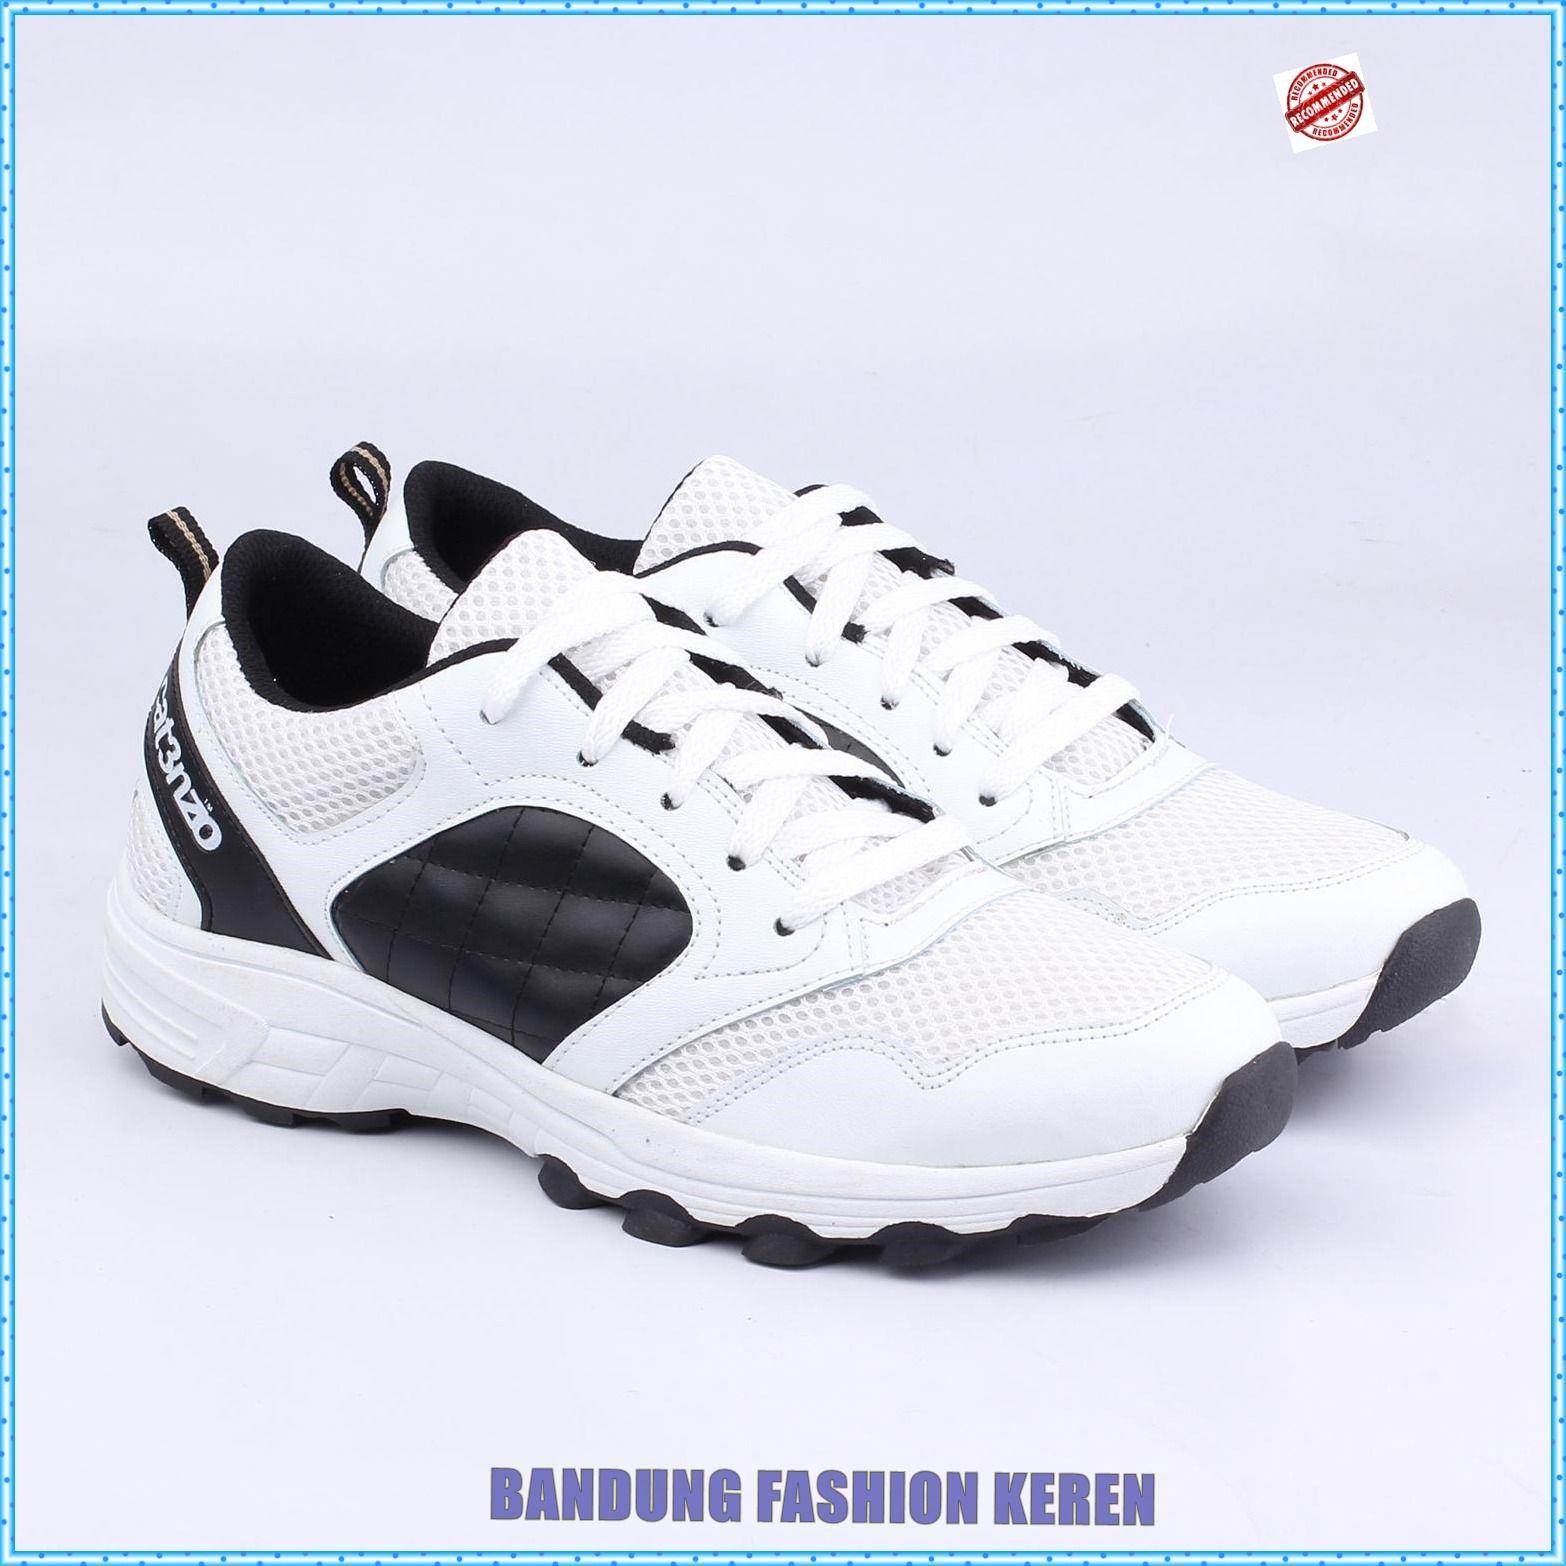 Sepatu Sport Pria Tf 138 Produk Fashion Handmade Terbaik 100 Persen Asli Produk Indonesia Asal Bandung Kota Paris Van Java P Sepatu Sepatu Pria Sepatu Anak